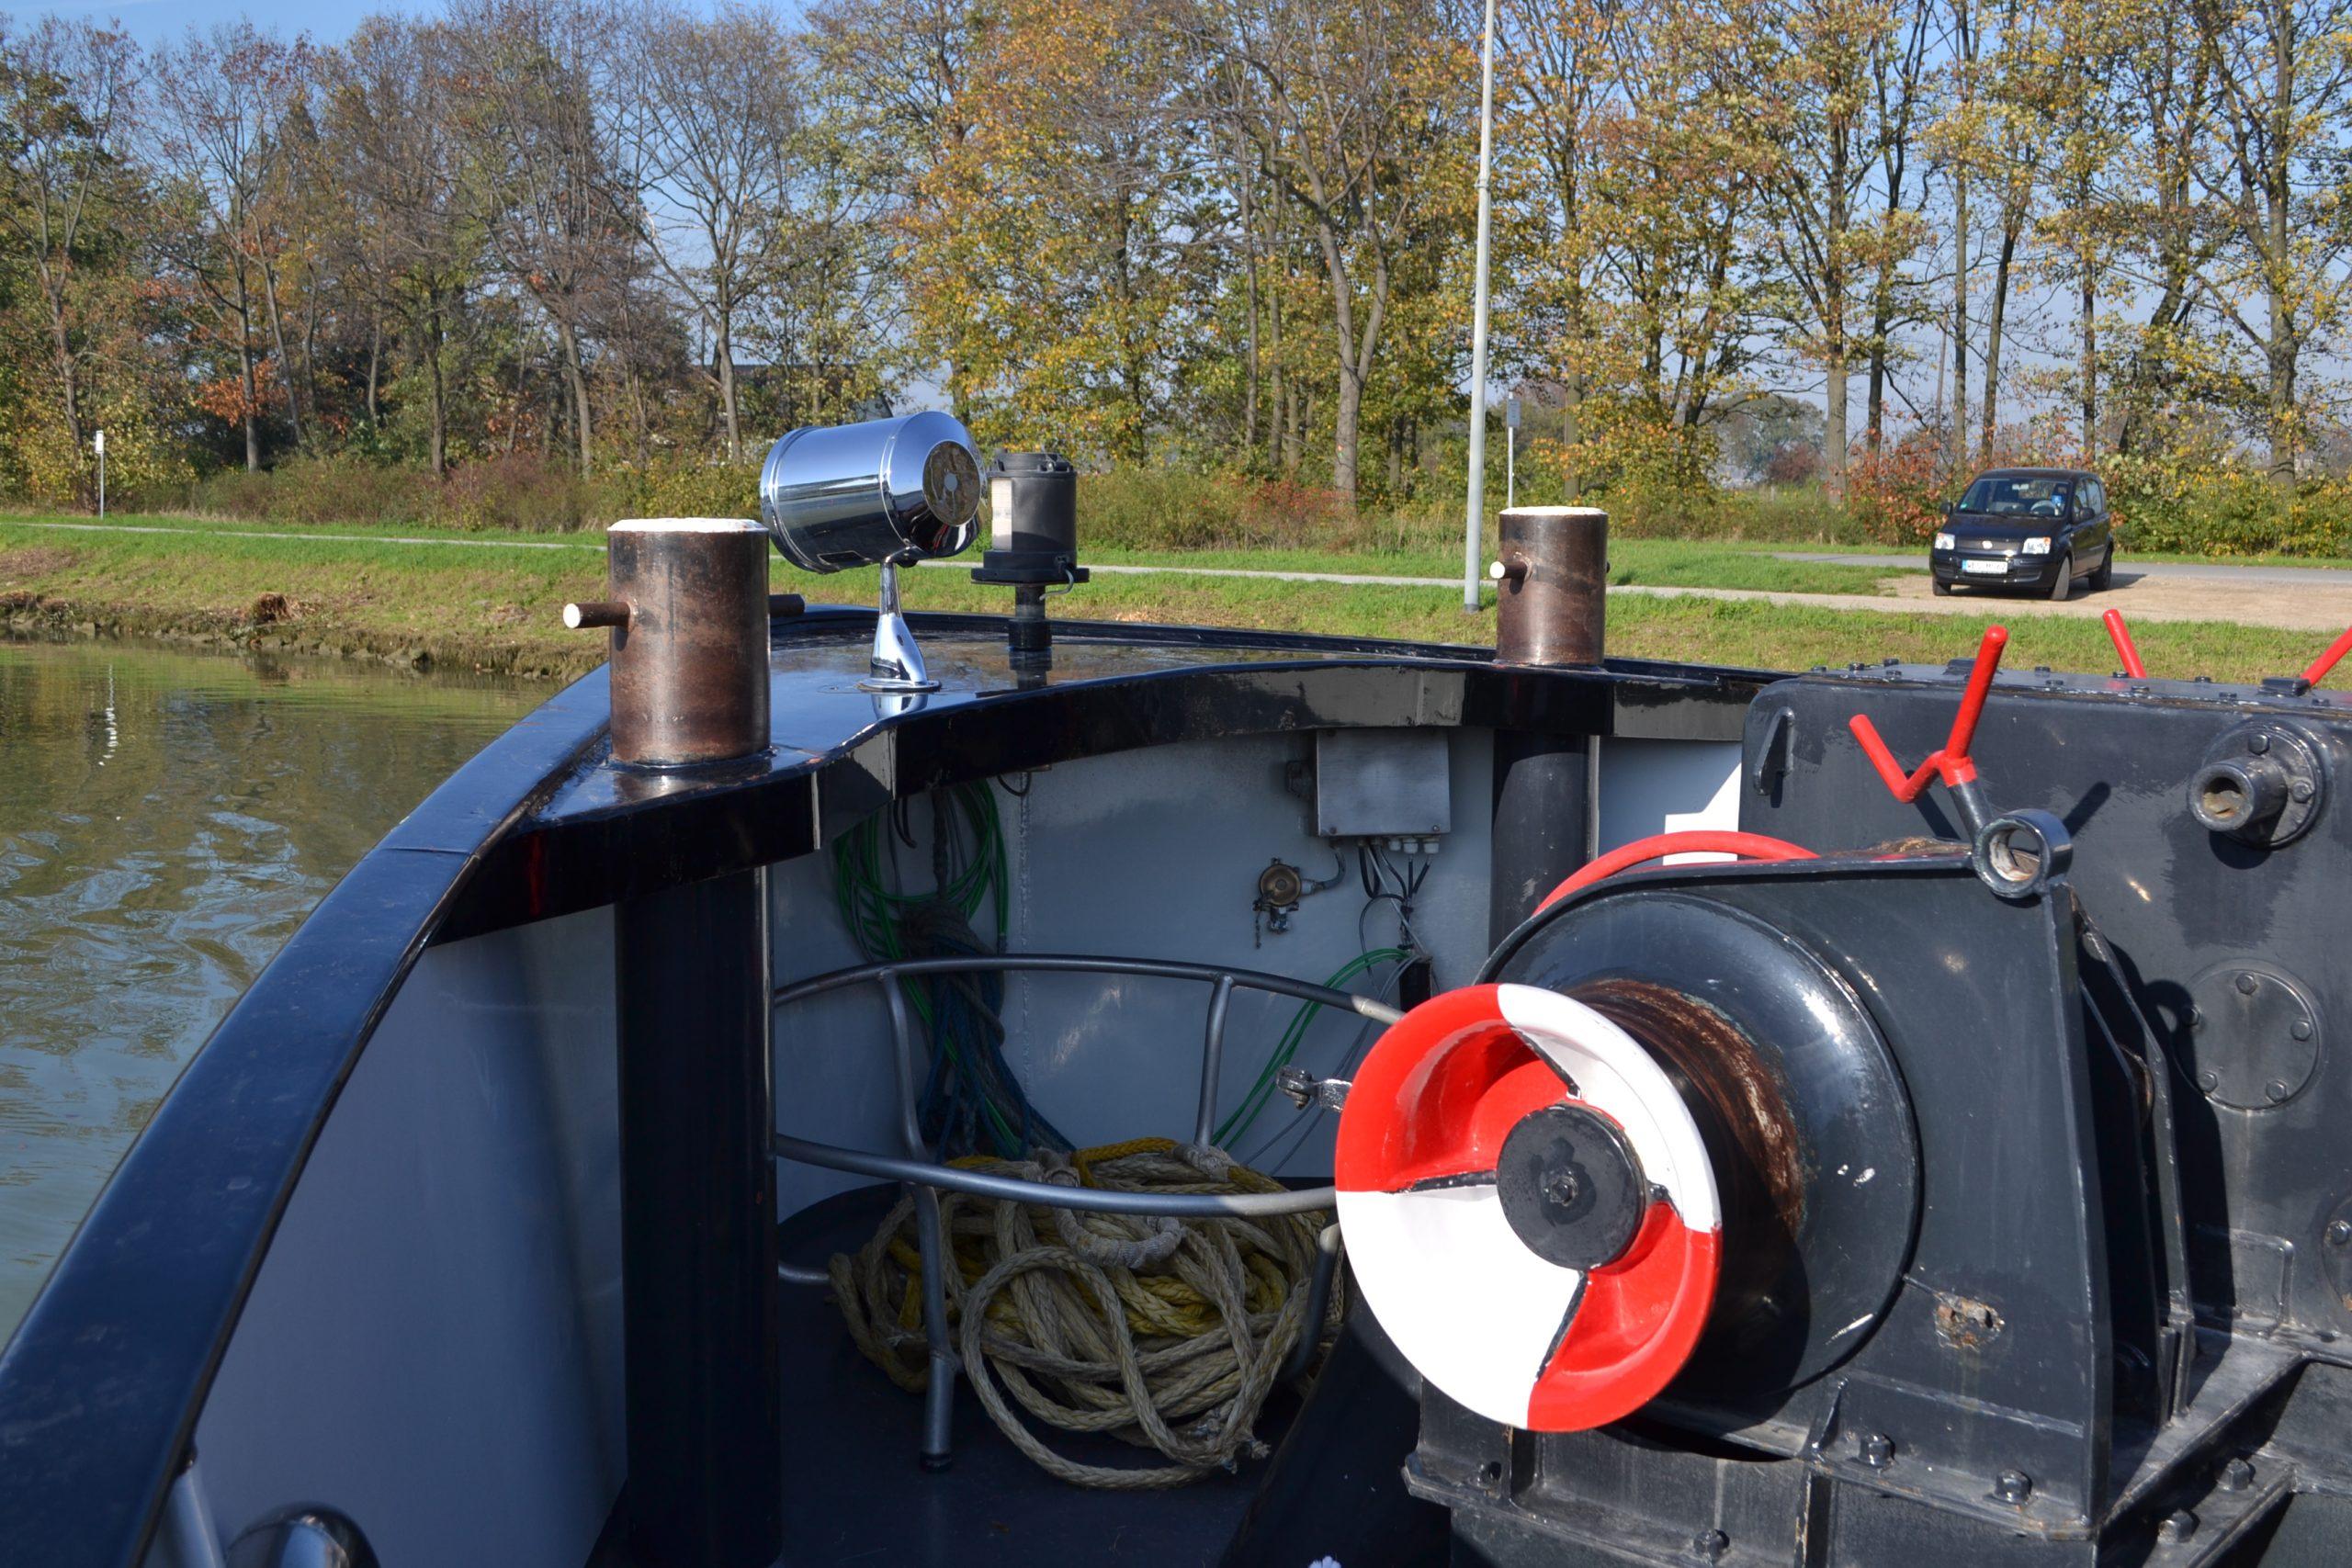 Der Bug des Schiffes. Hier müssen eine Stereokamera sowie ein Laserscanner für die Umgebungserkennung untergebracht werden. Keine leichte Aufgabe, da der Arbeitsraum begrenzt ist und für die Festmacher benötigt wird.